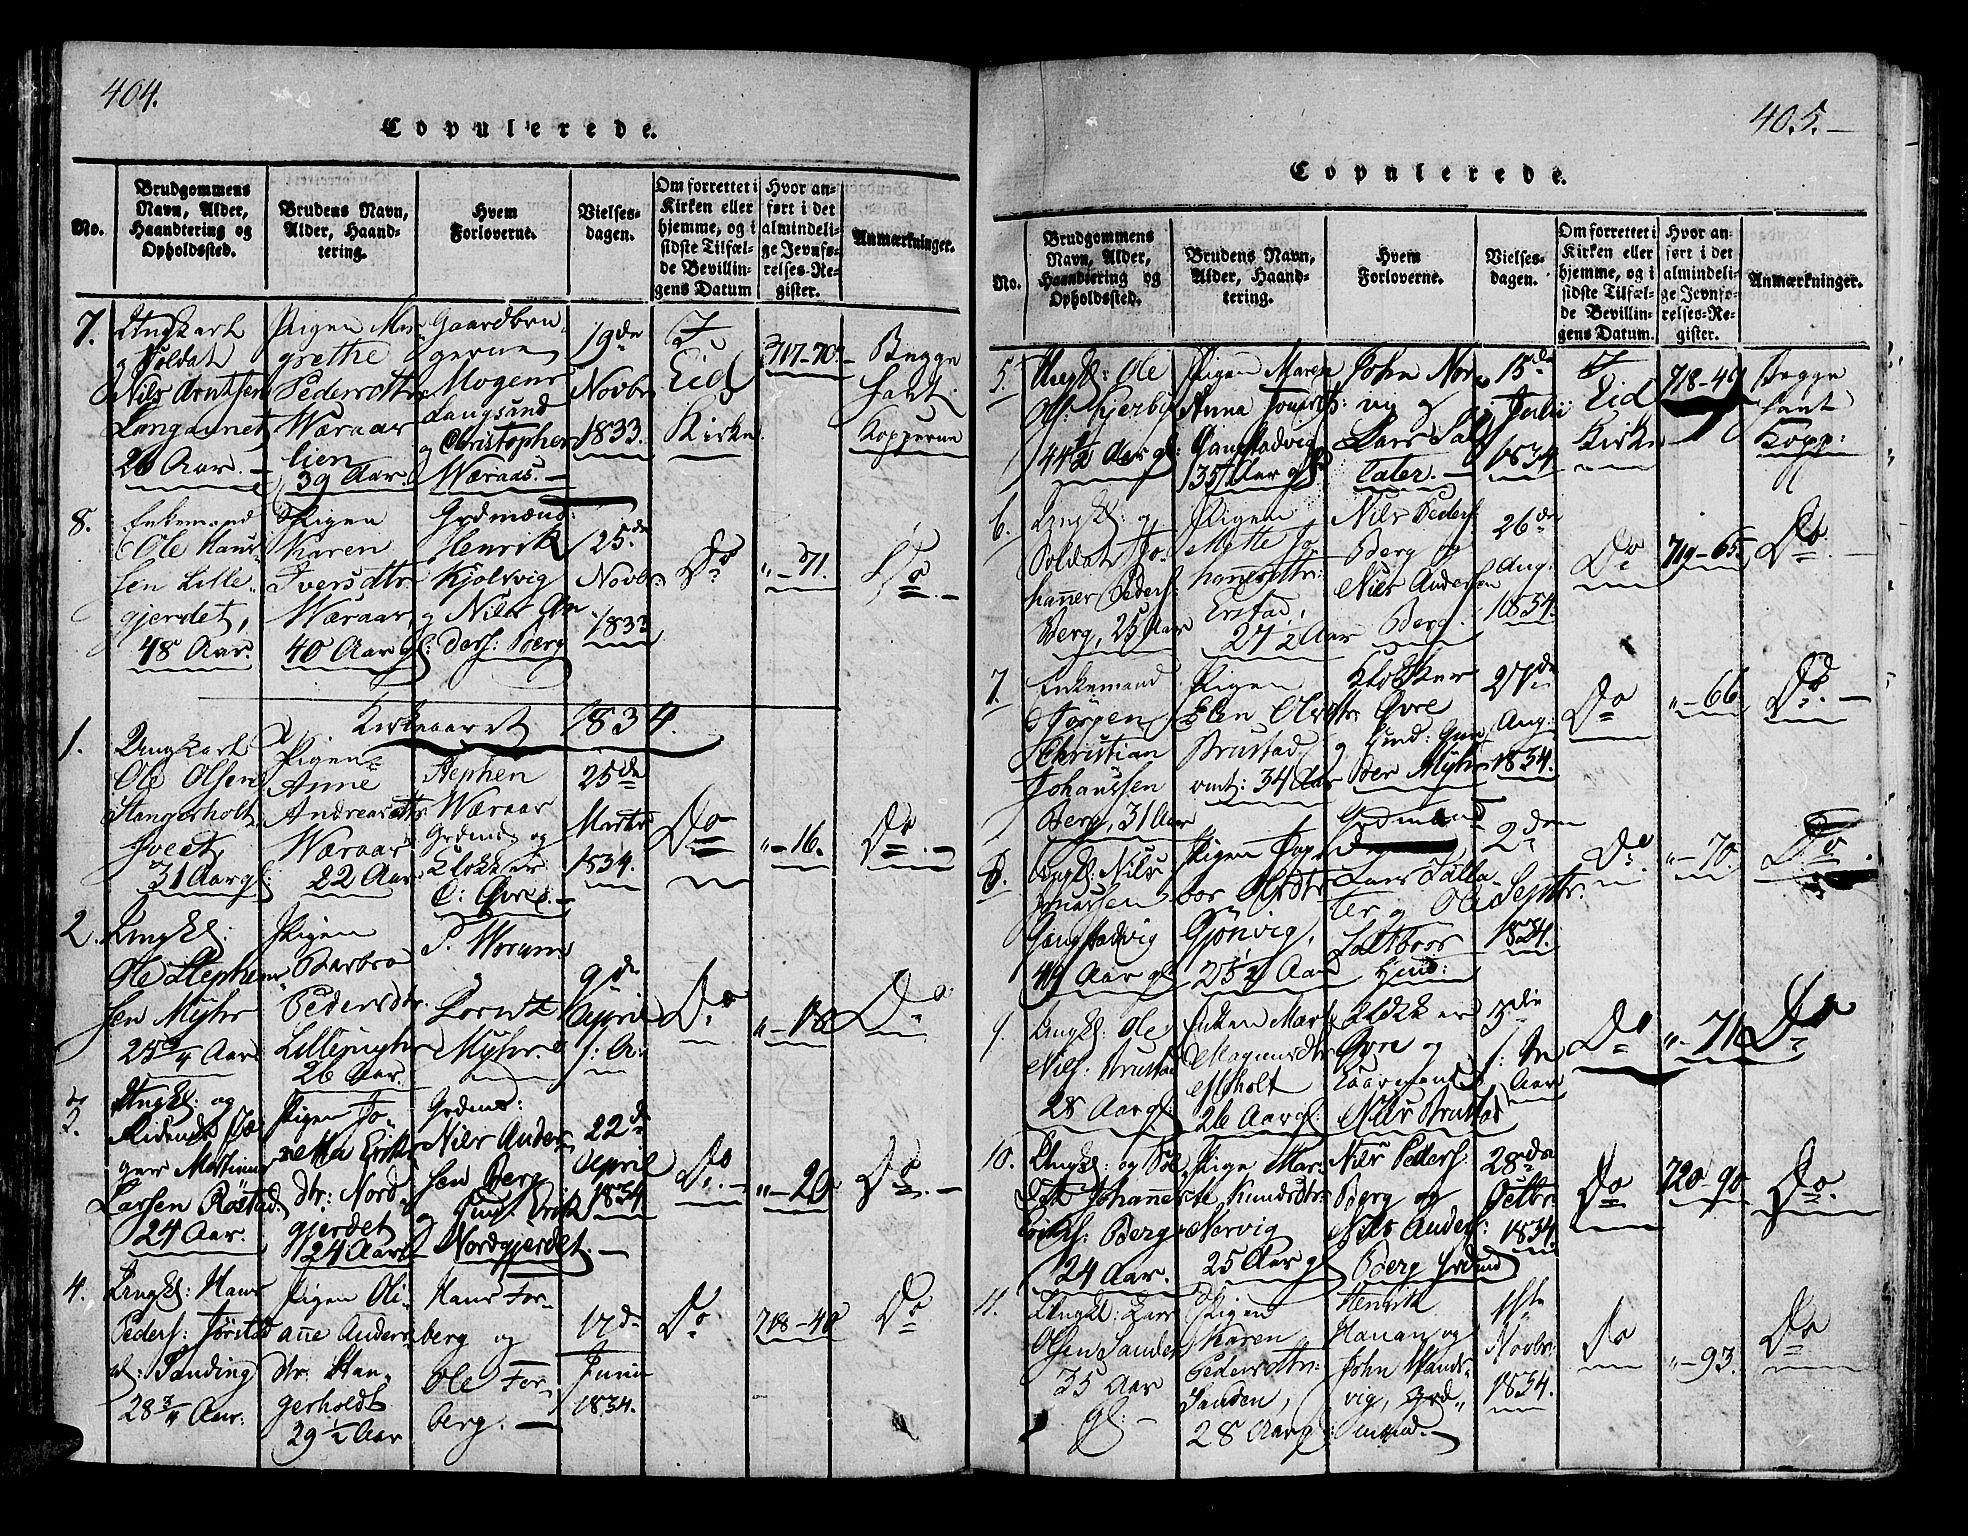 SAT, Ministerialprotokoller, klokkerbøker og fødselsregistre - Nord-Trøndelag, 722/L0217: Ministerialbok nr. 722A04, 1817-1842, s. 404-405